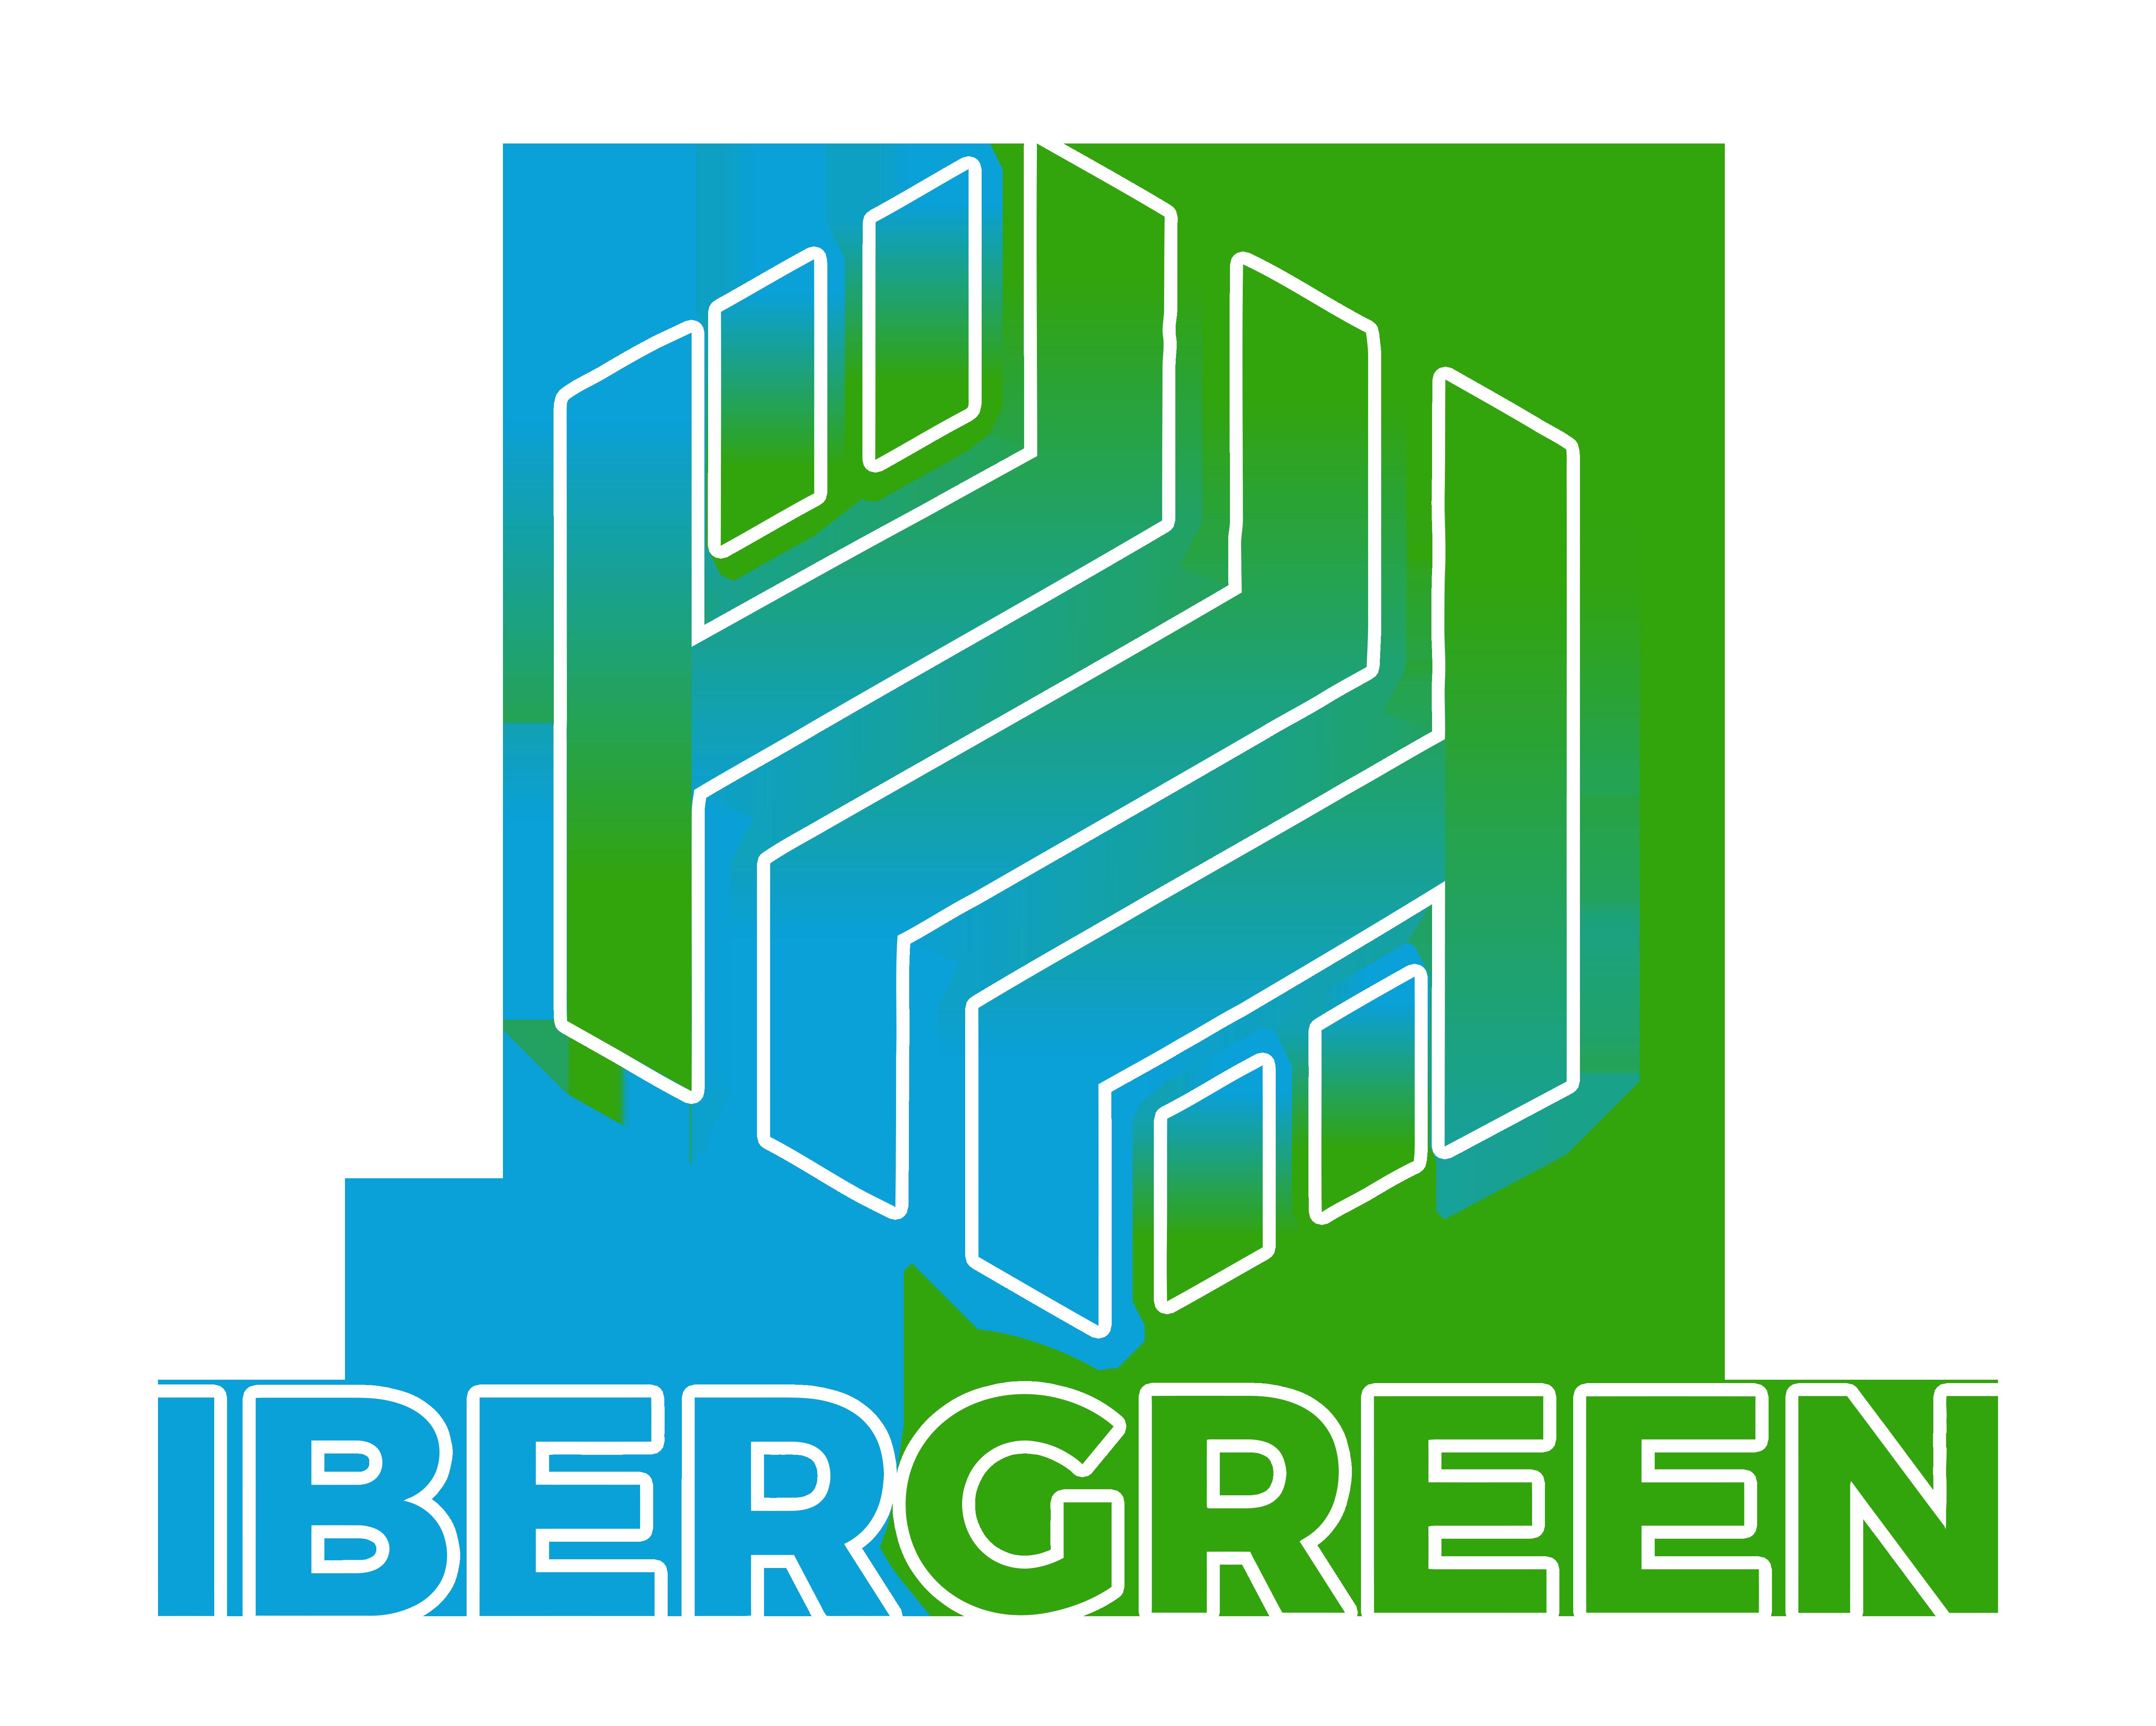 Ibergreen-Logo-003-Full-Color-Square-No-Stroke-003-New-Concept-01-White-Stroke